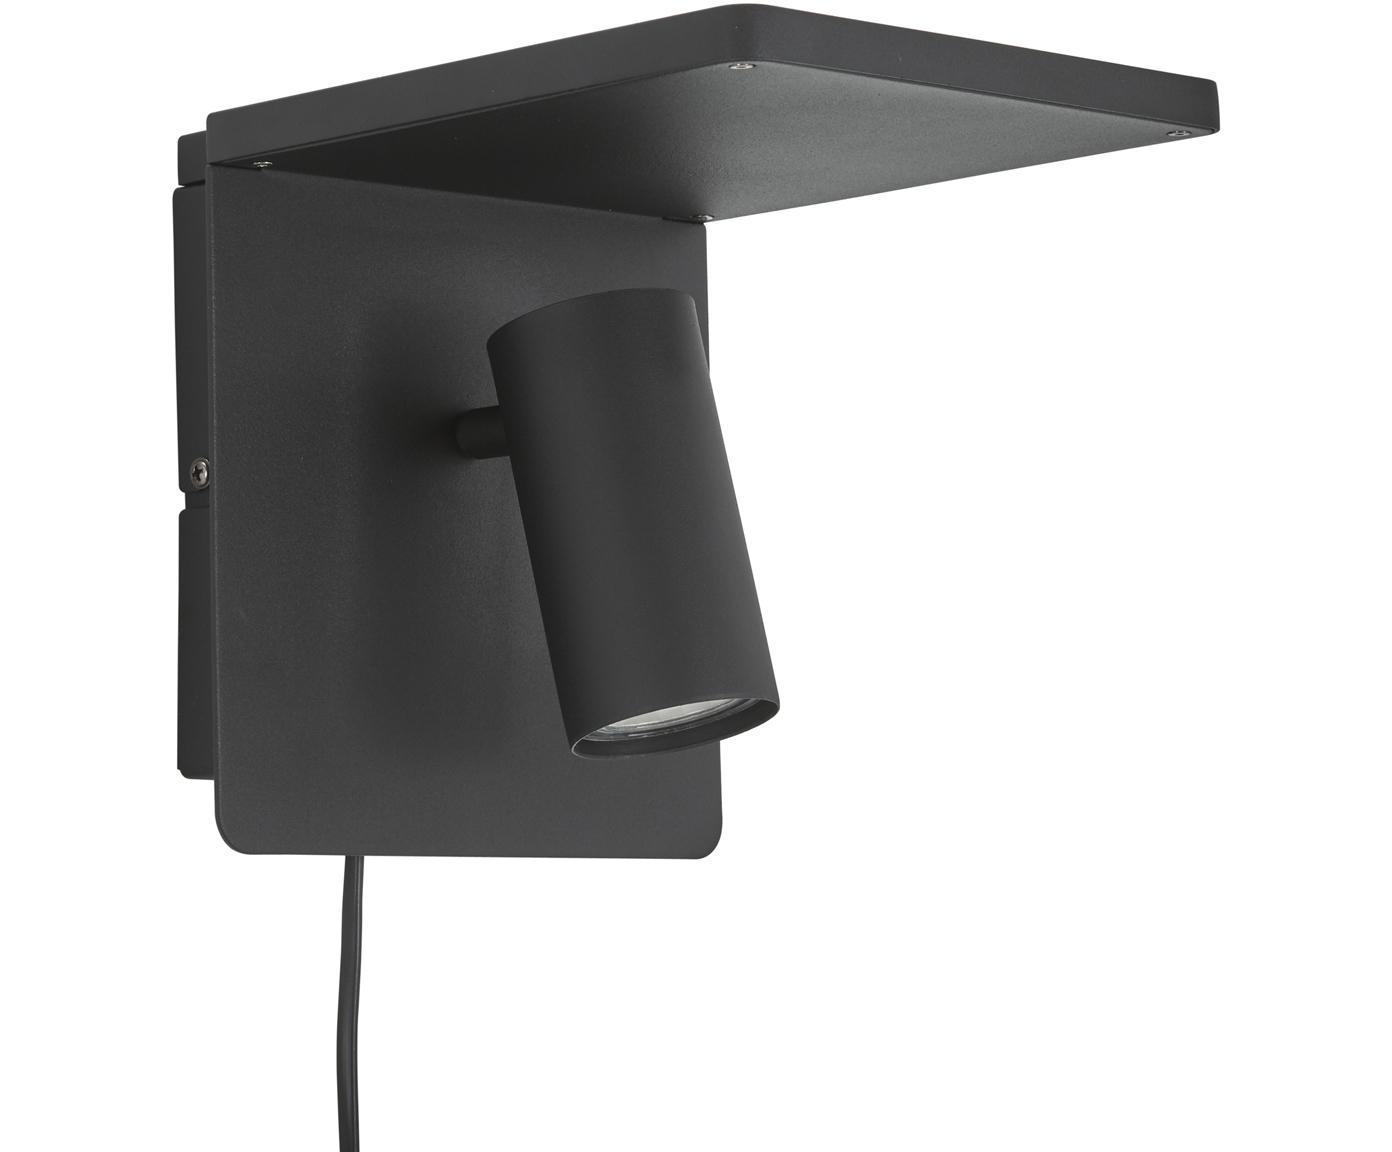 Kinkiet LED Chandler, Czarny, S 19 x W 21 cm